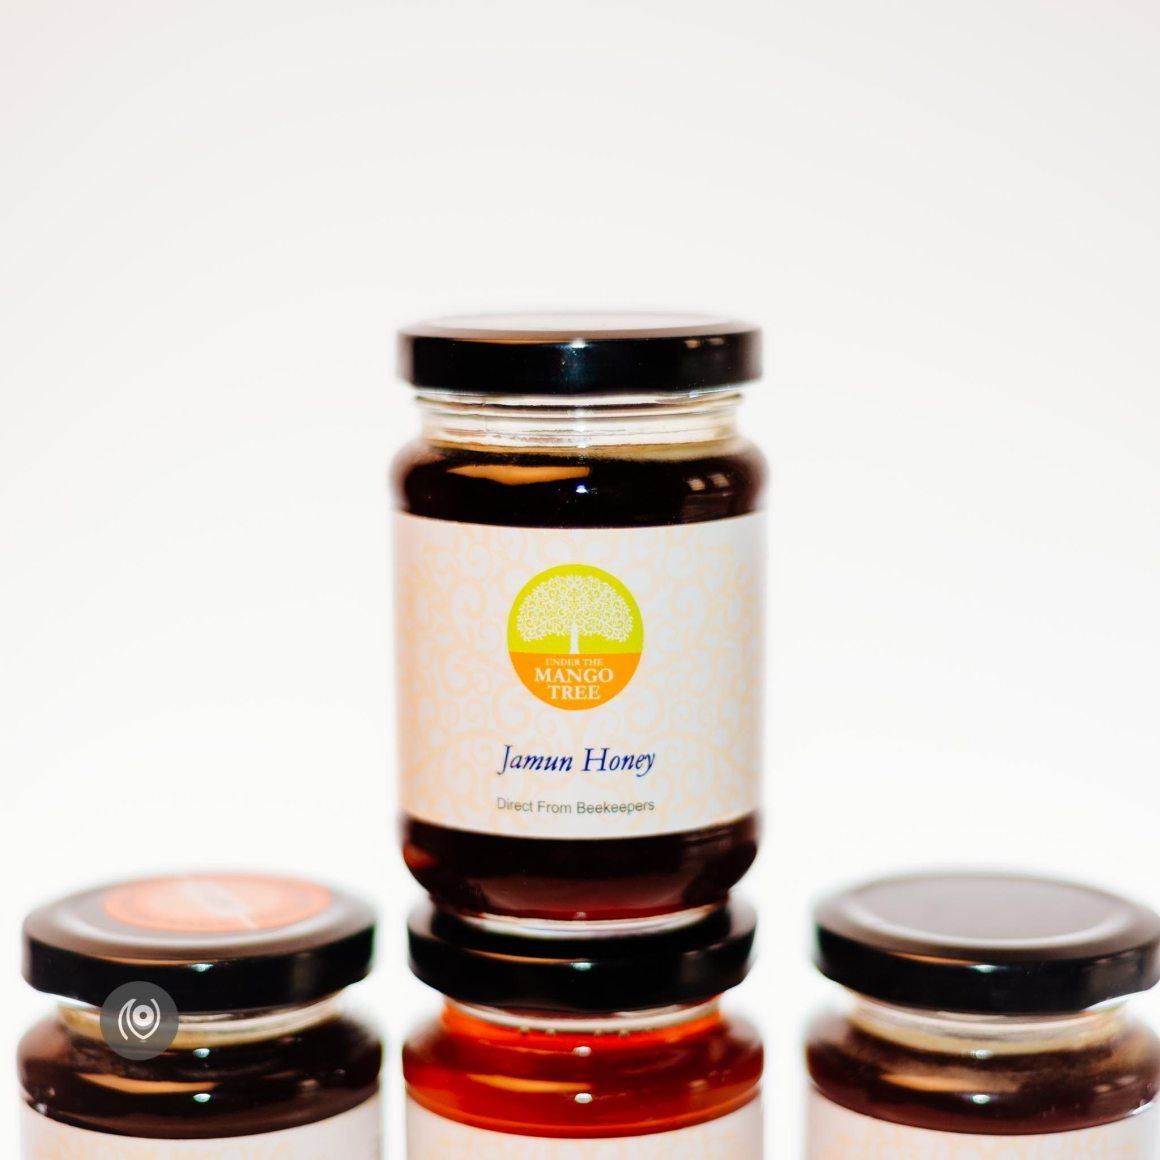 Under The Mango Tree, Organic Honey, Naina.co Luxury & Lifestyle, Photographer Storyteller, Blogger.